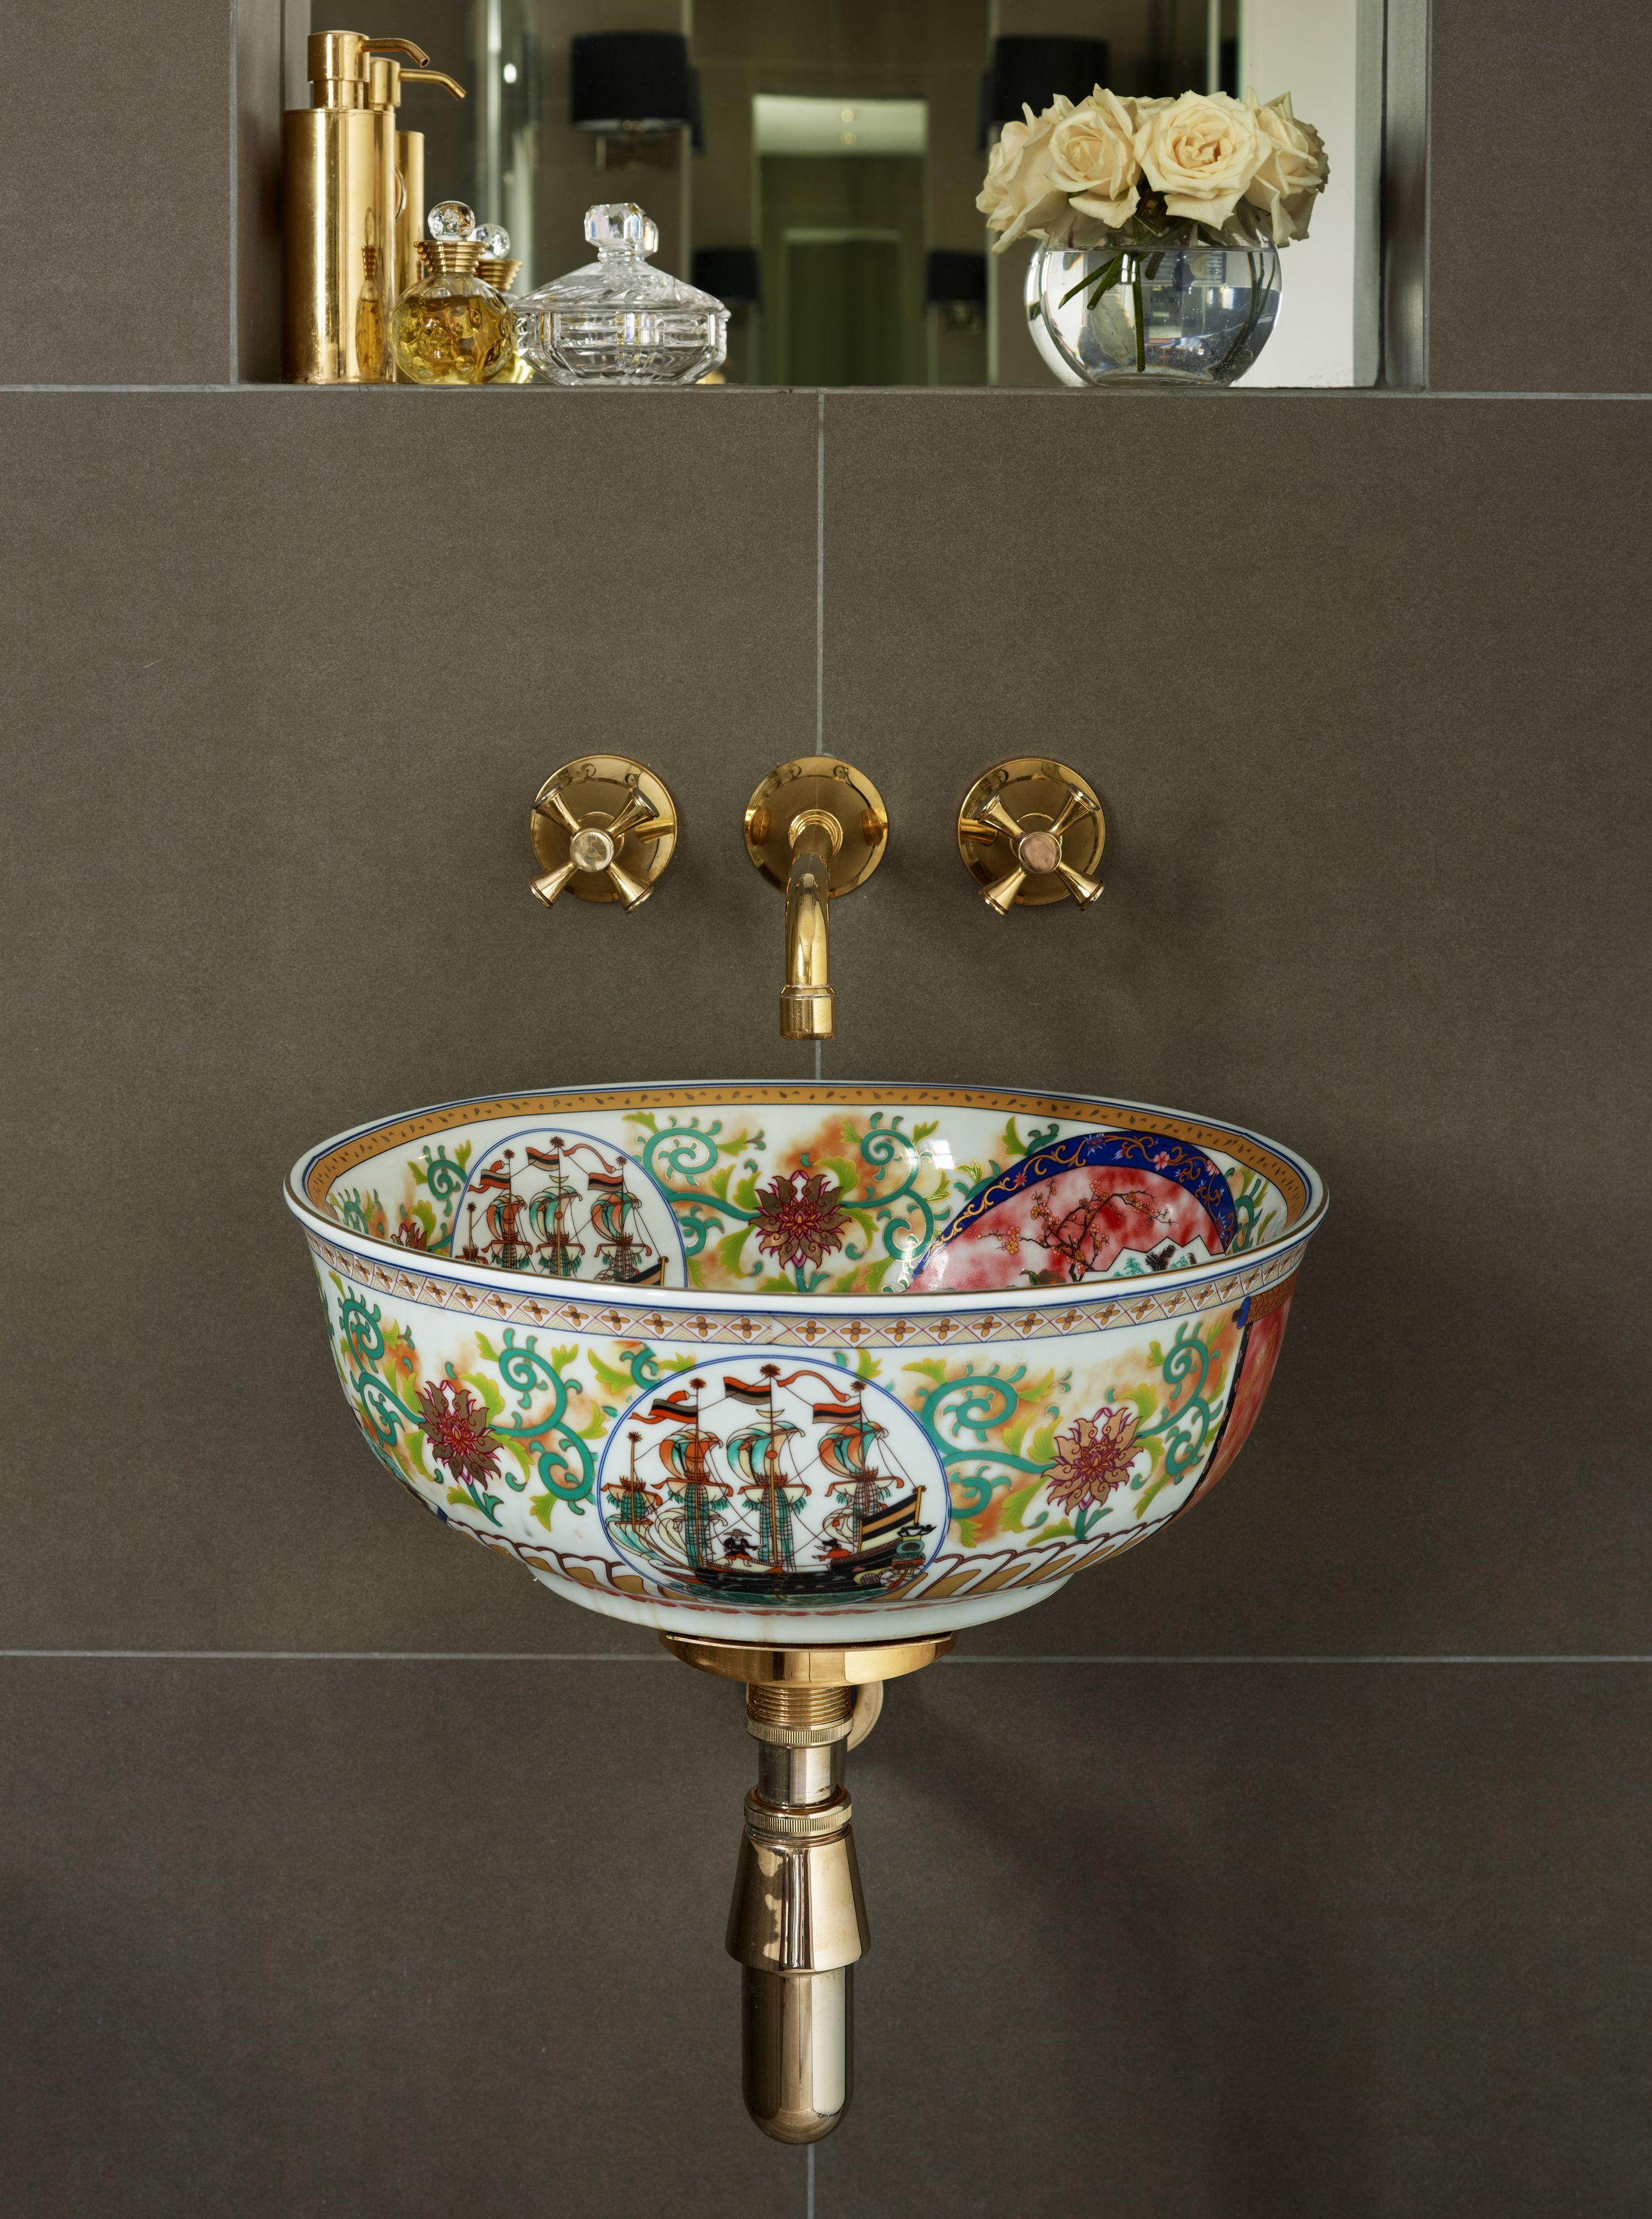 The London Basin Company | Bathroom | Pinterest | Basin, Porcelain ...